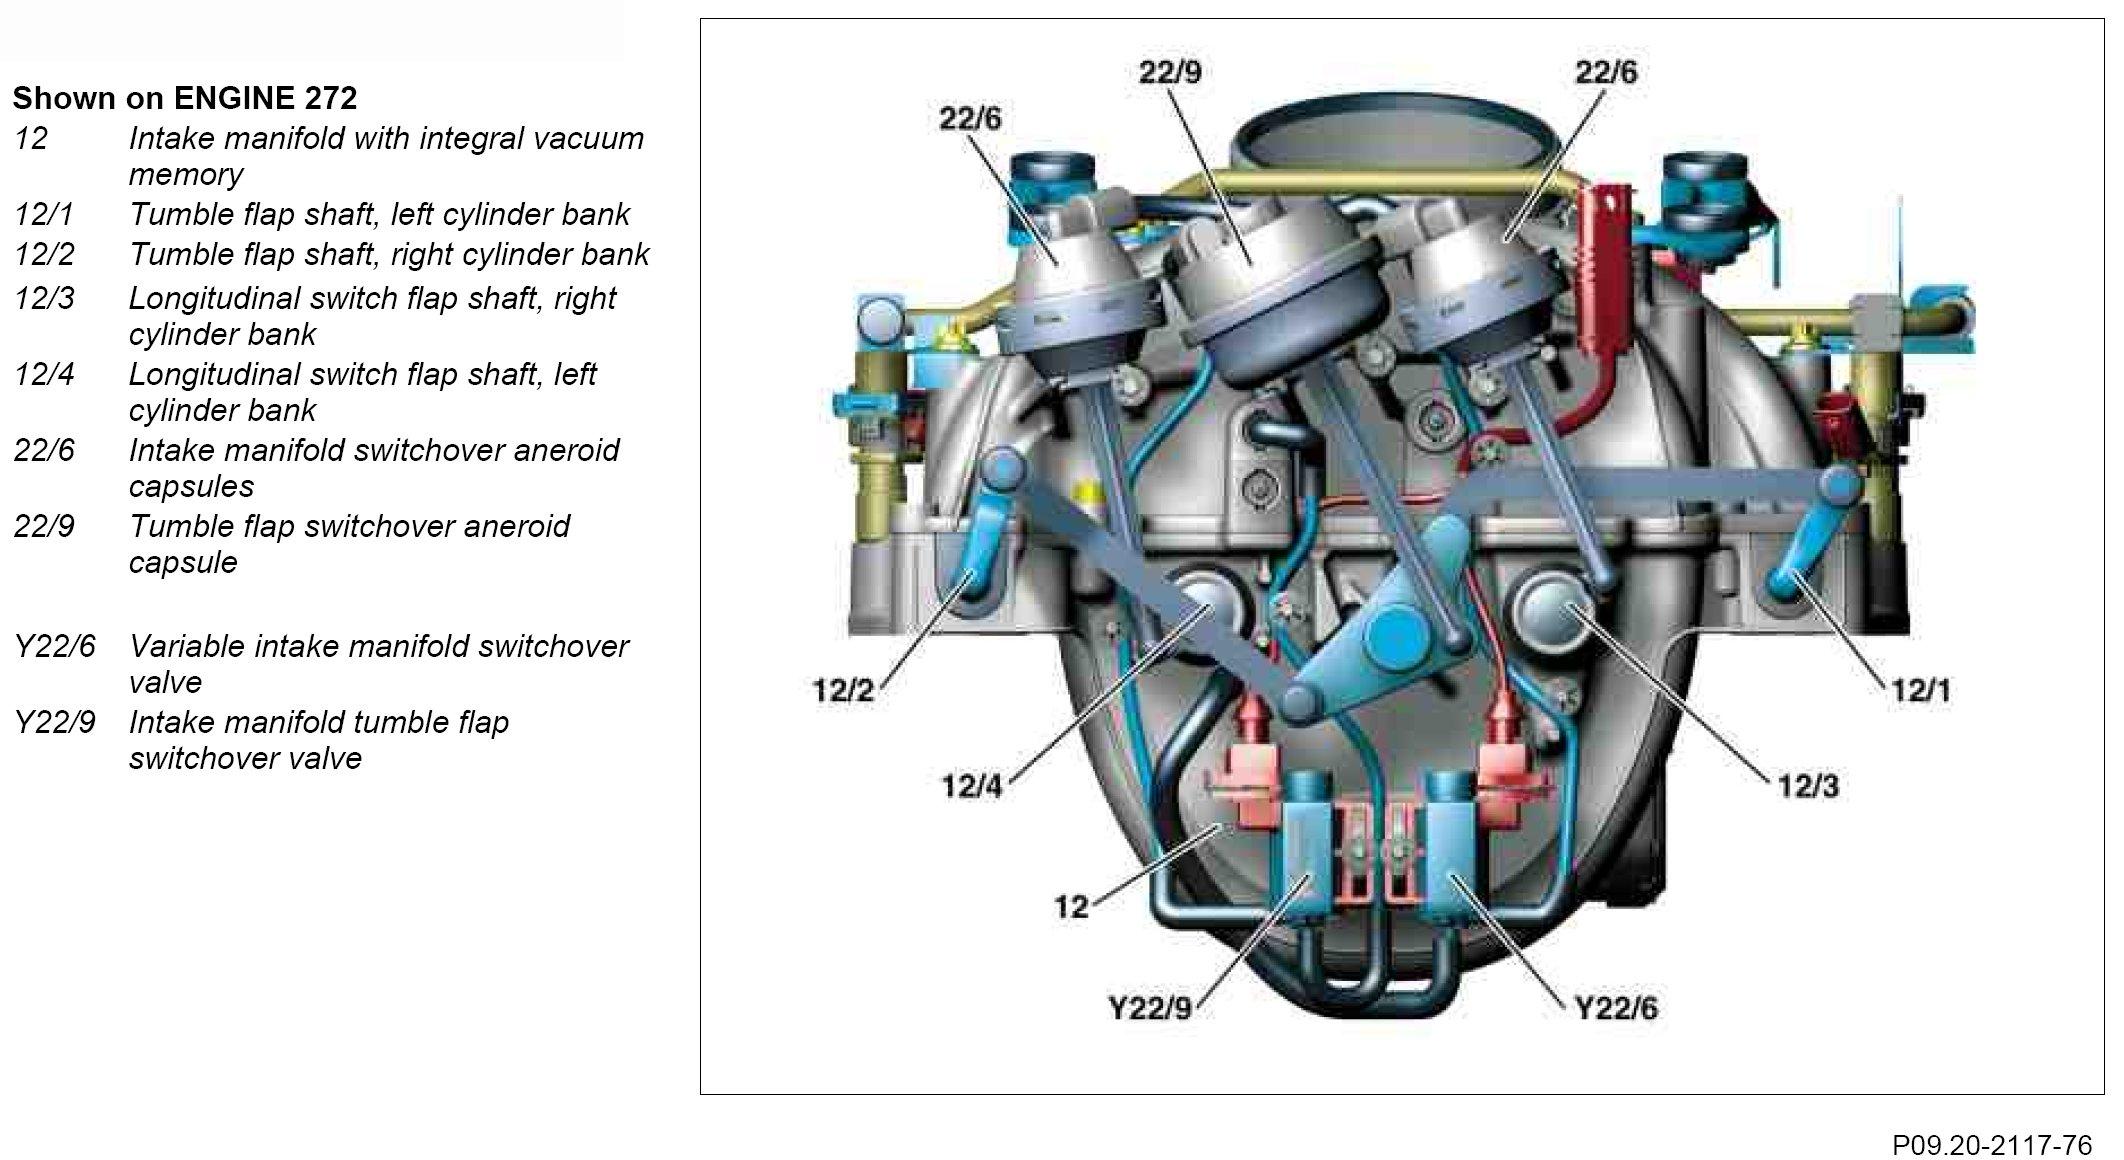 Fix P2004 P2017 Intake Manifold Runner Control Stuck Open